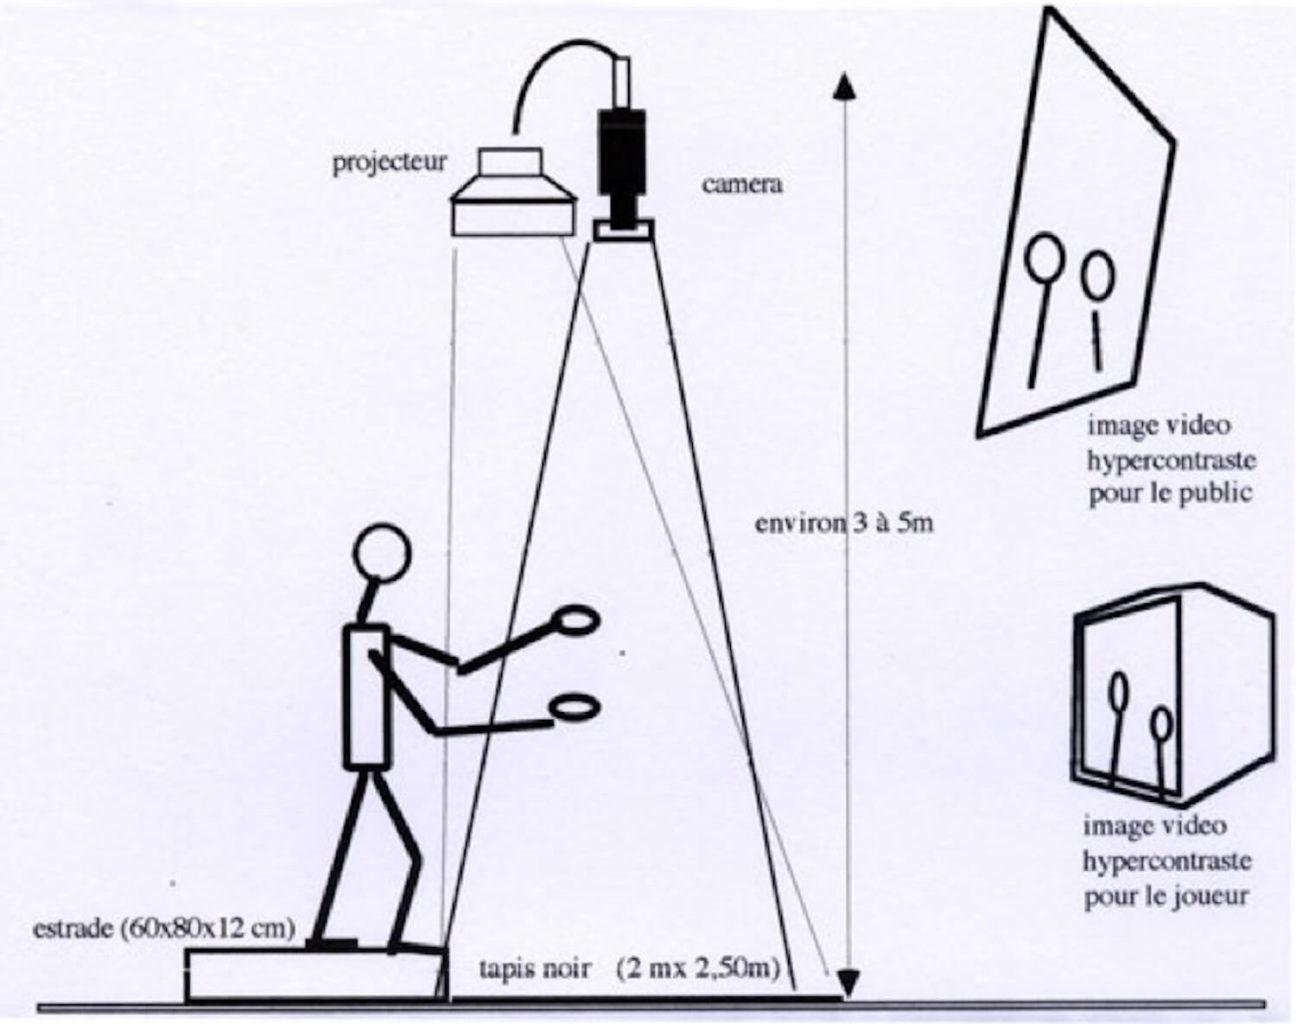 Dessin sur une estrade un personnage avance ses mains dans un faisceau lumineux et l'image des mains est prise par une camera qui la renvoie sur des écrans